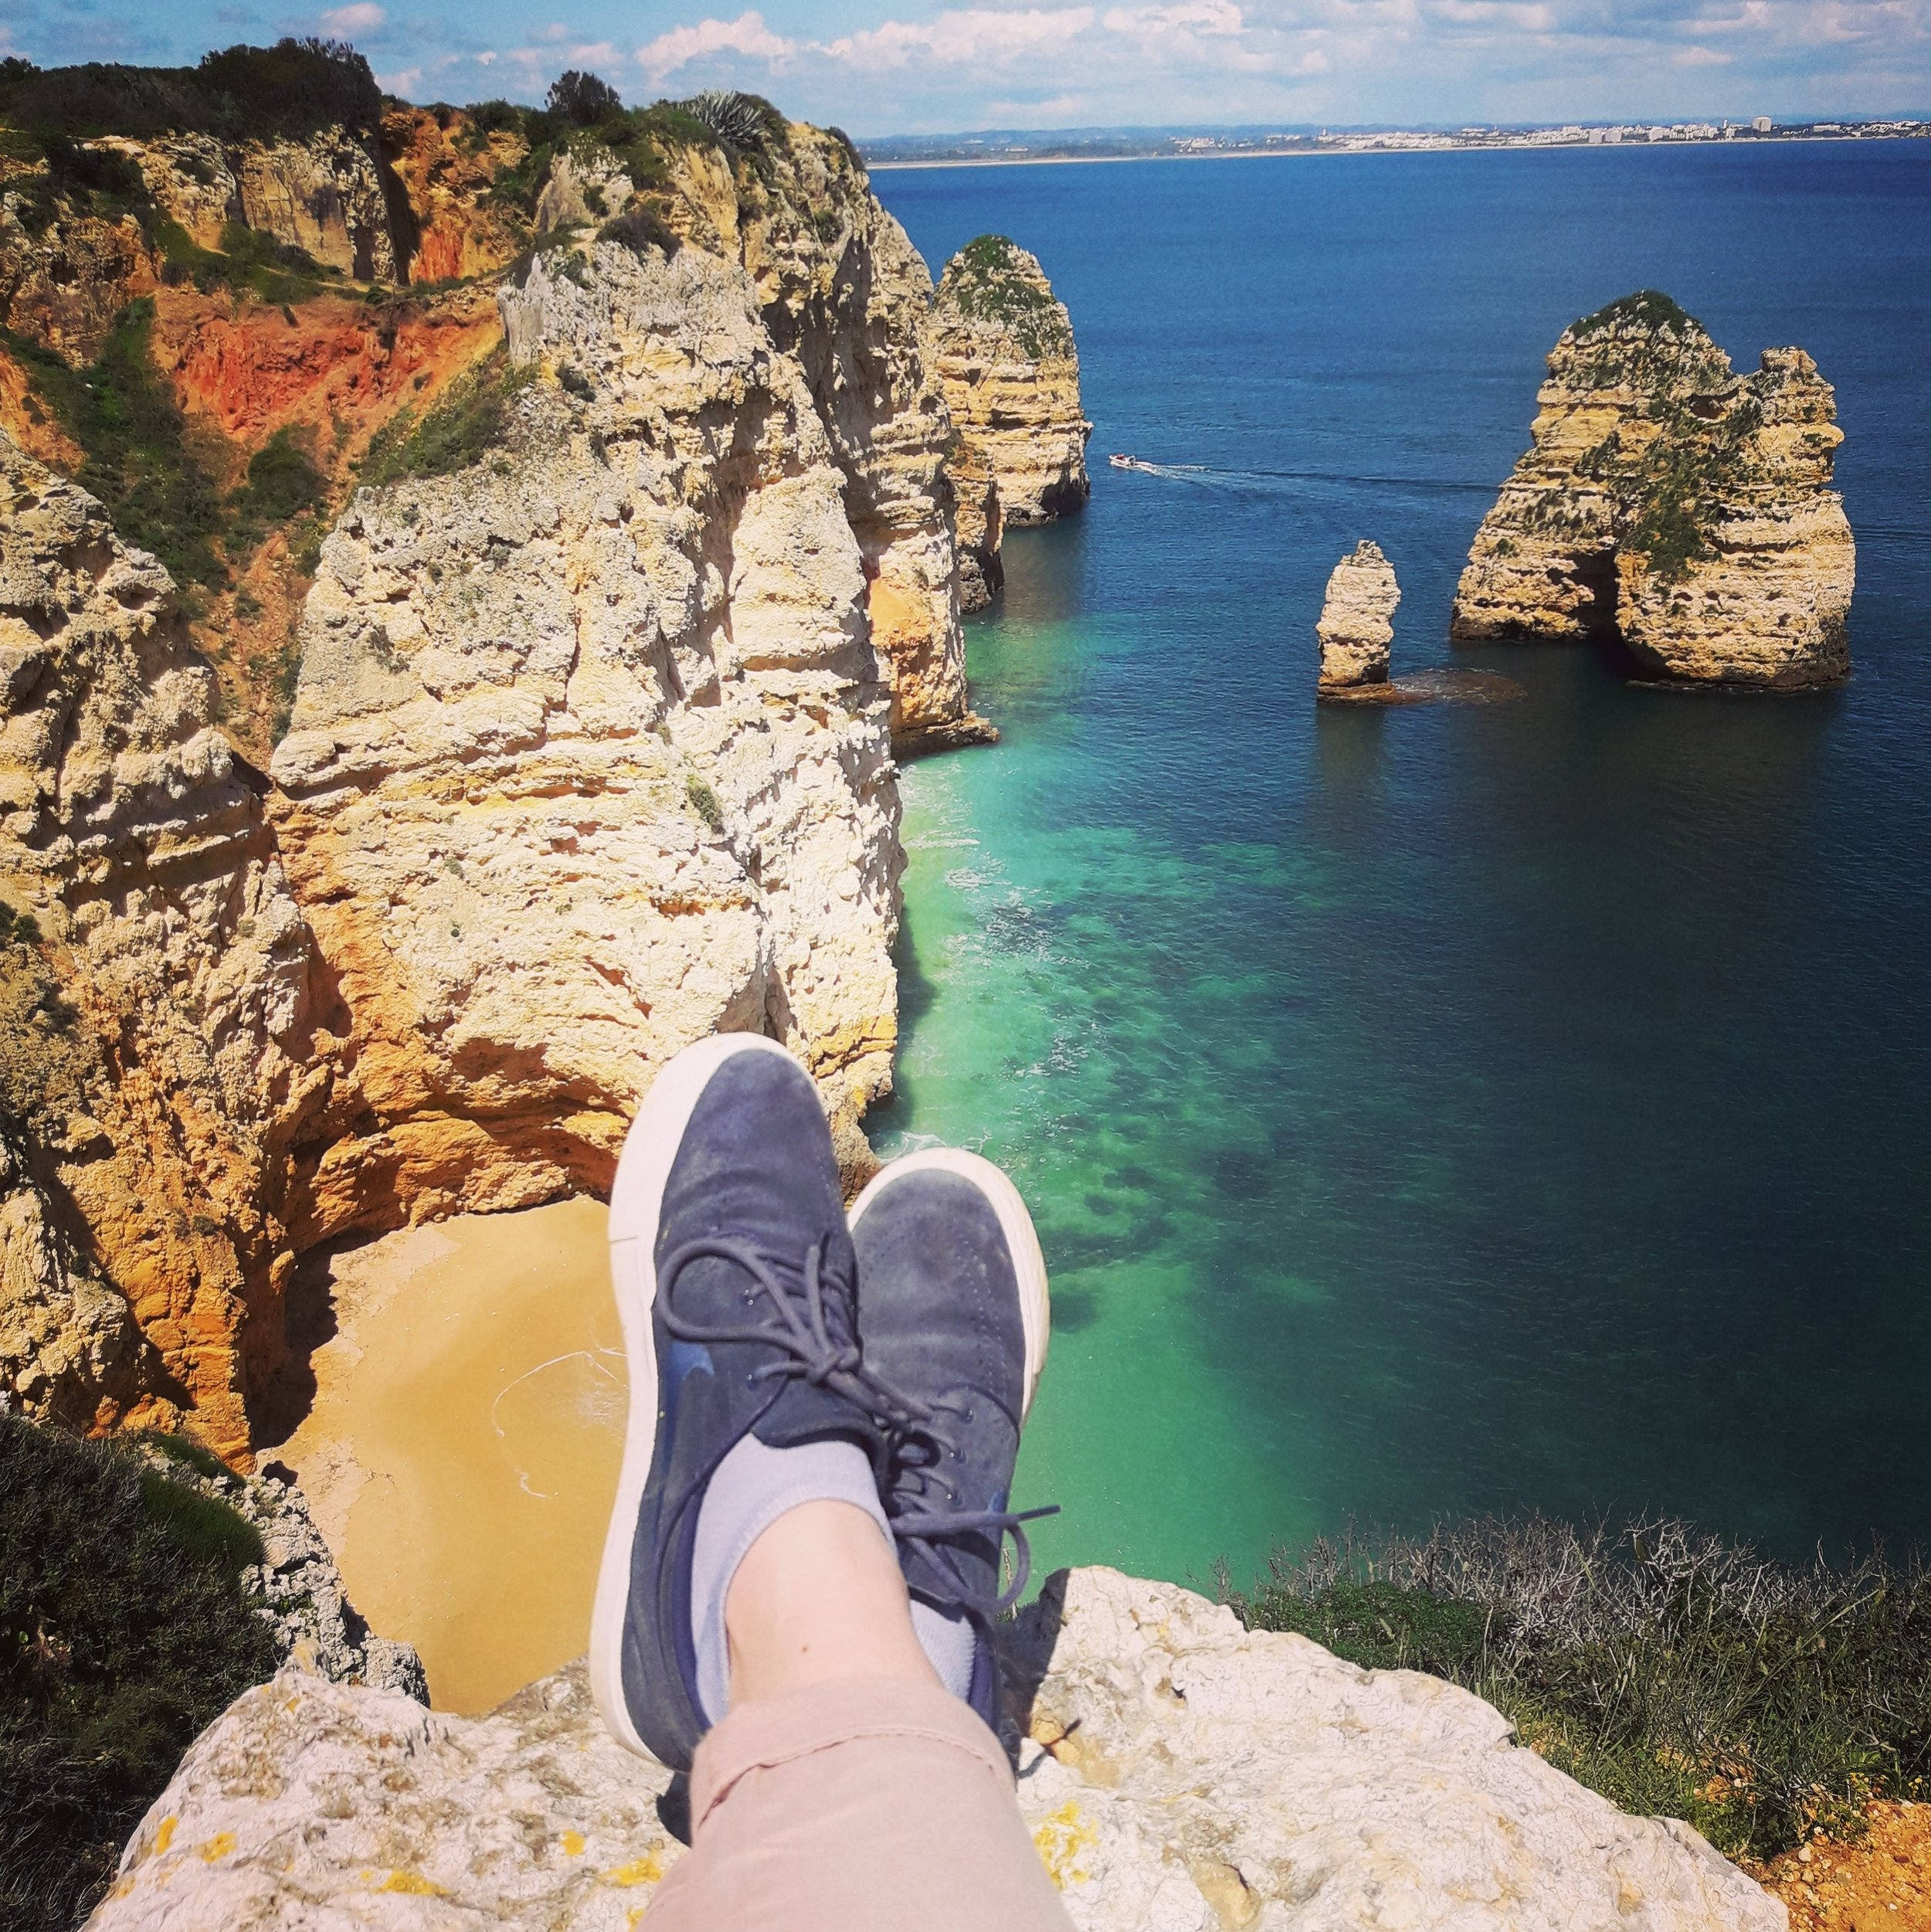 Küste-blaues Meer-Schuhe.jpg